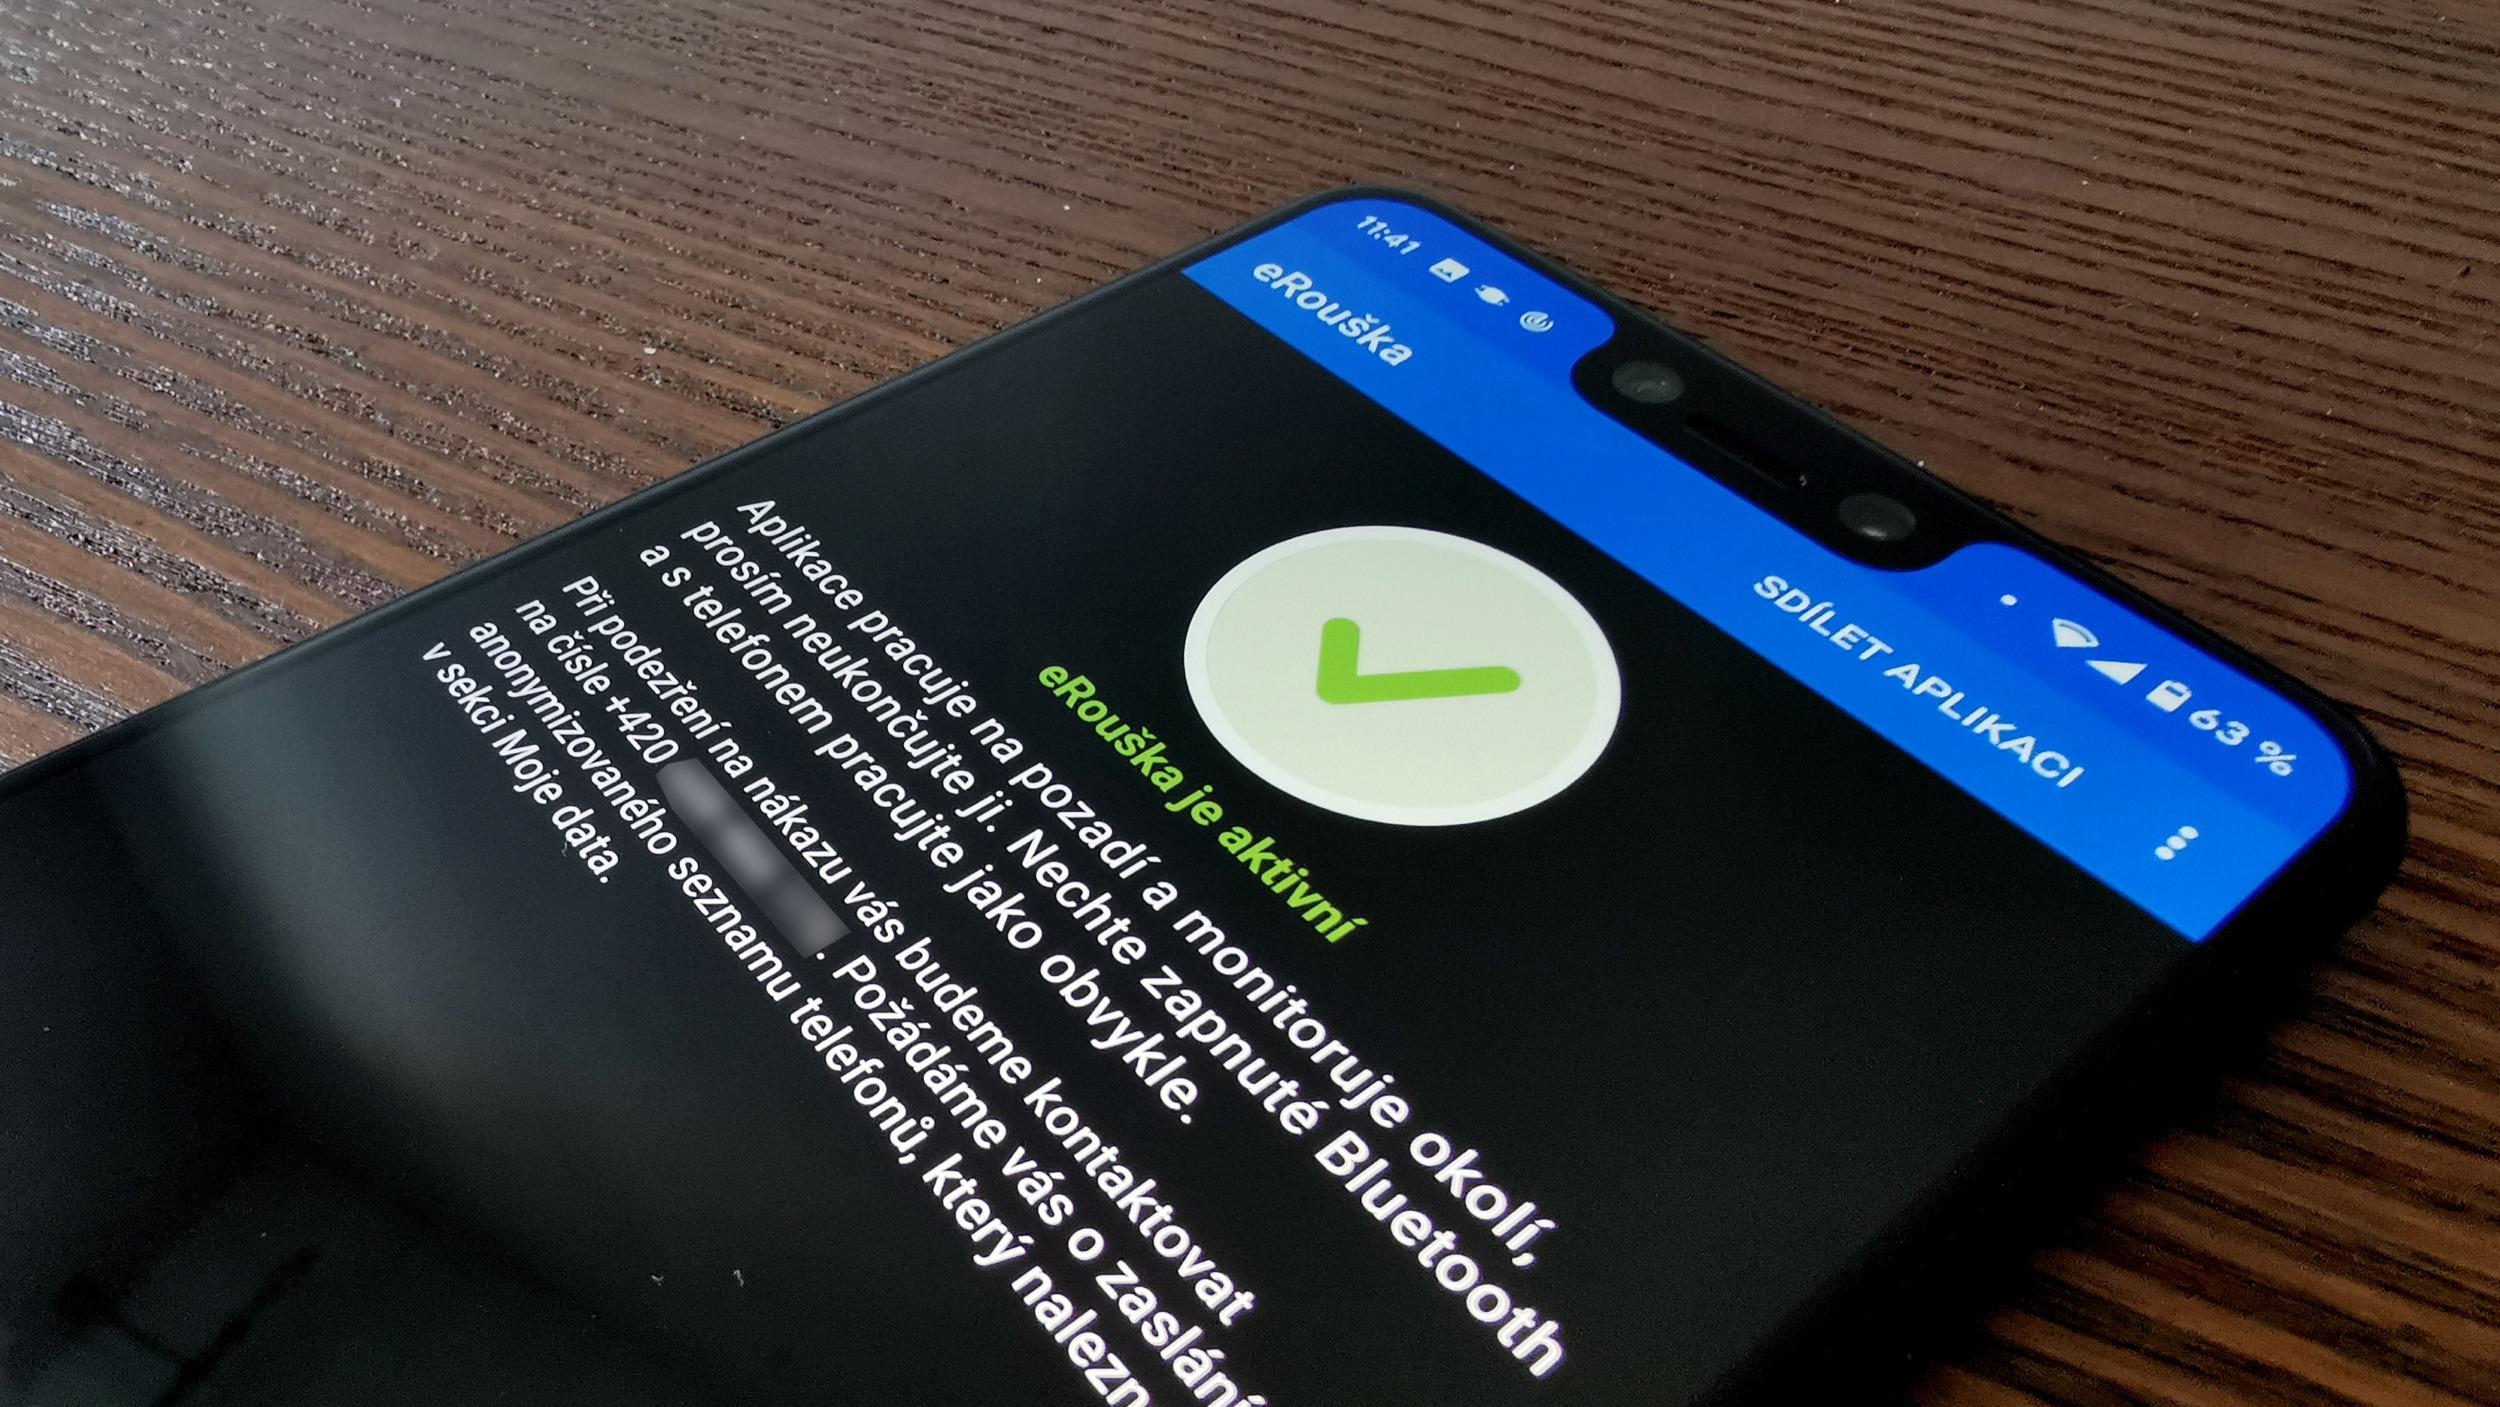 Aplikaci eRouška je nově dostupná pro iOS [aktualizováno]